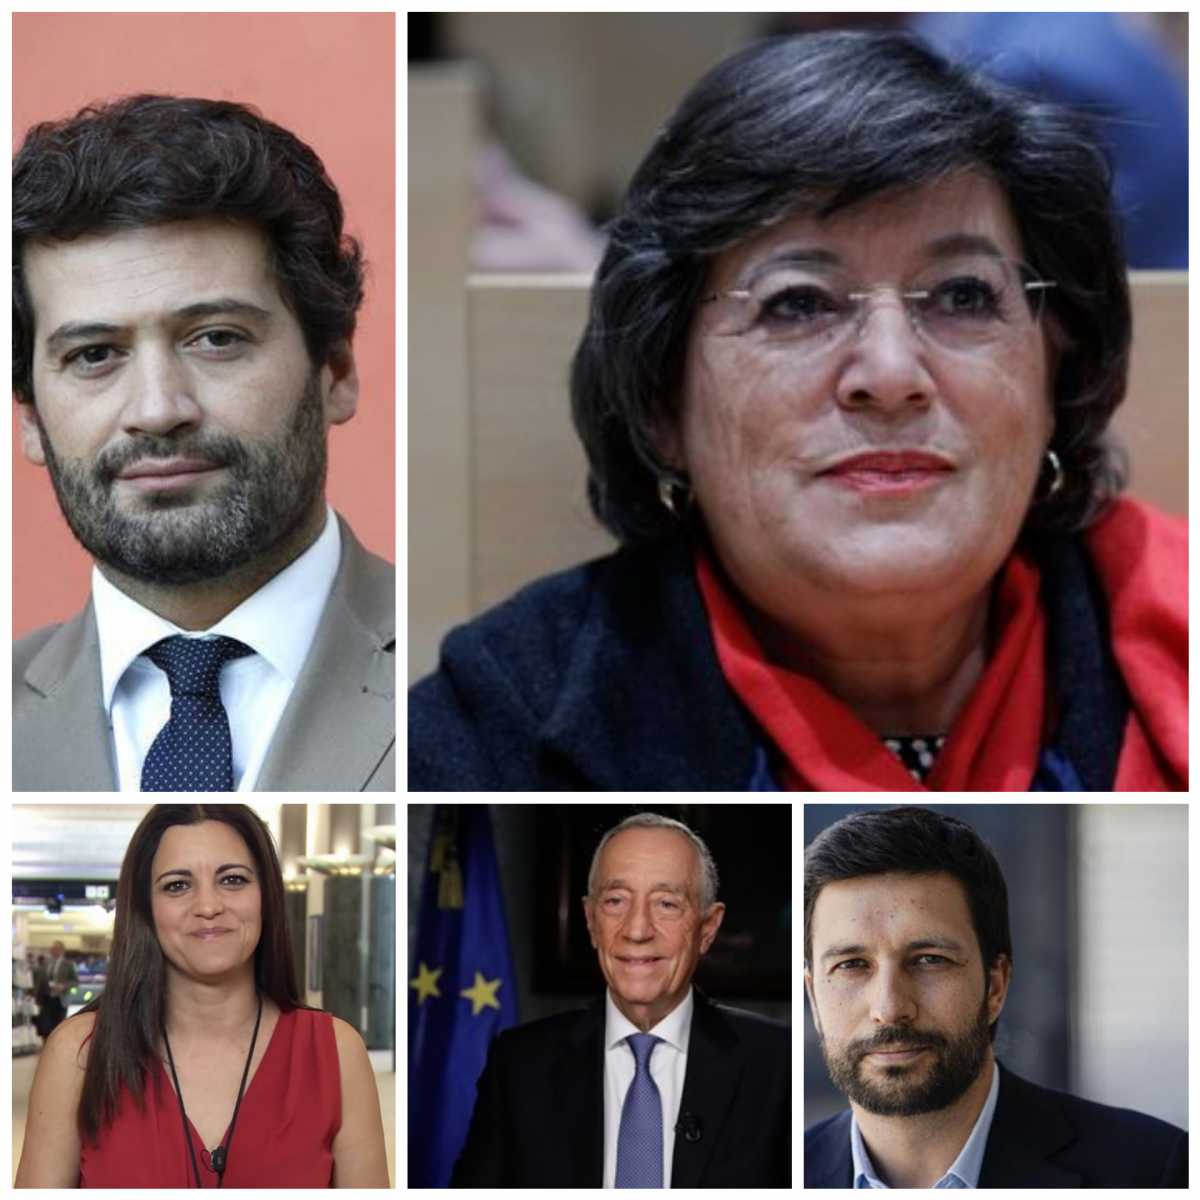 """<span class=""""entry-title-primary"""">Todos a caminho de Belém!</span> <span class=""""entry-subtitle"""">Como são escolhidos os candidatos presidenciais em Portugal?</span>"""